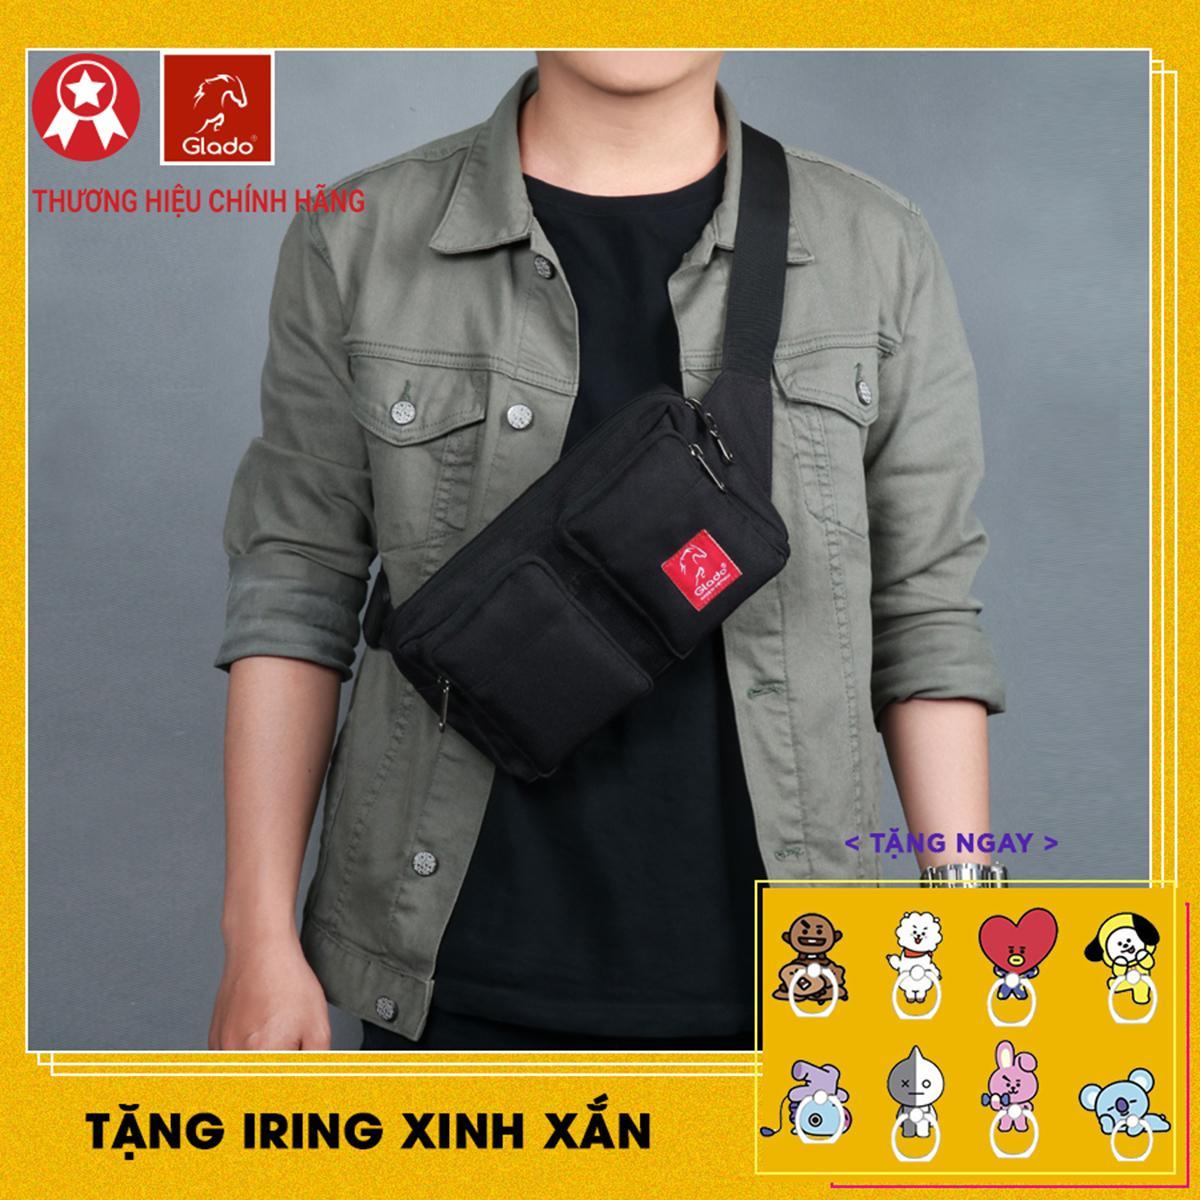 Túi Bao Tử đeo Chéo Thời Trang Nam Glado Express GEX001 Chất Liệu Vải 600D Trượt Nước Chống Thấm Tốt Đang Ưu Đãi Giá